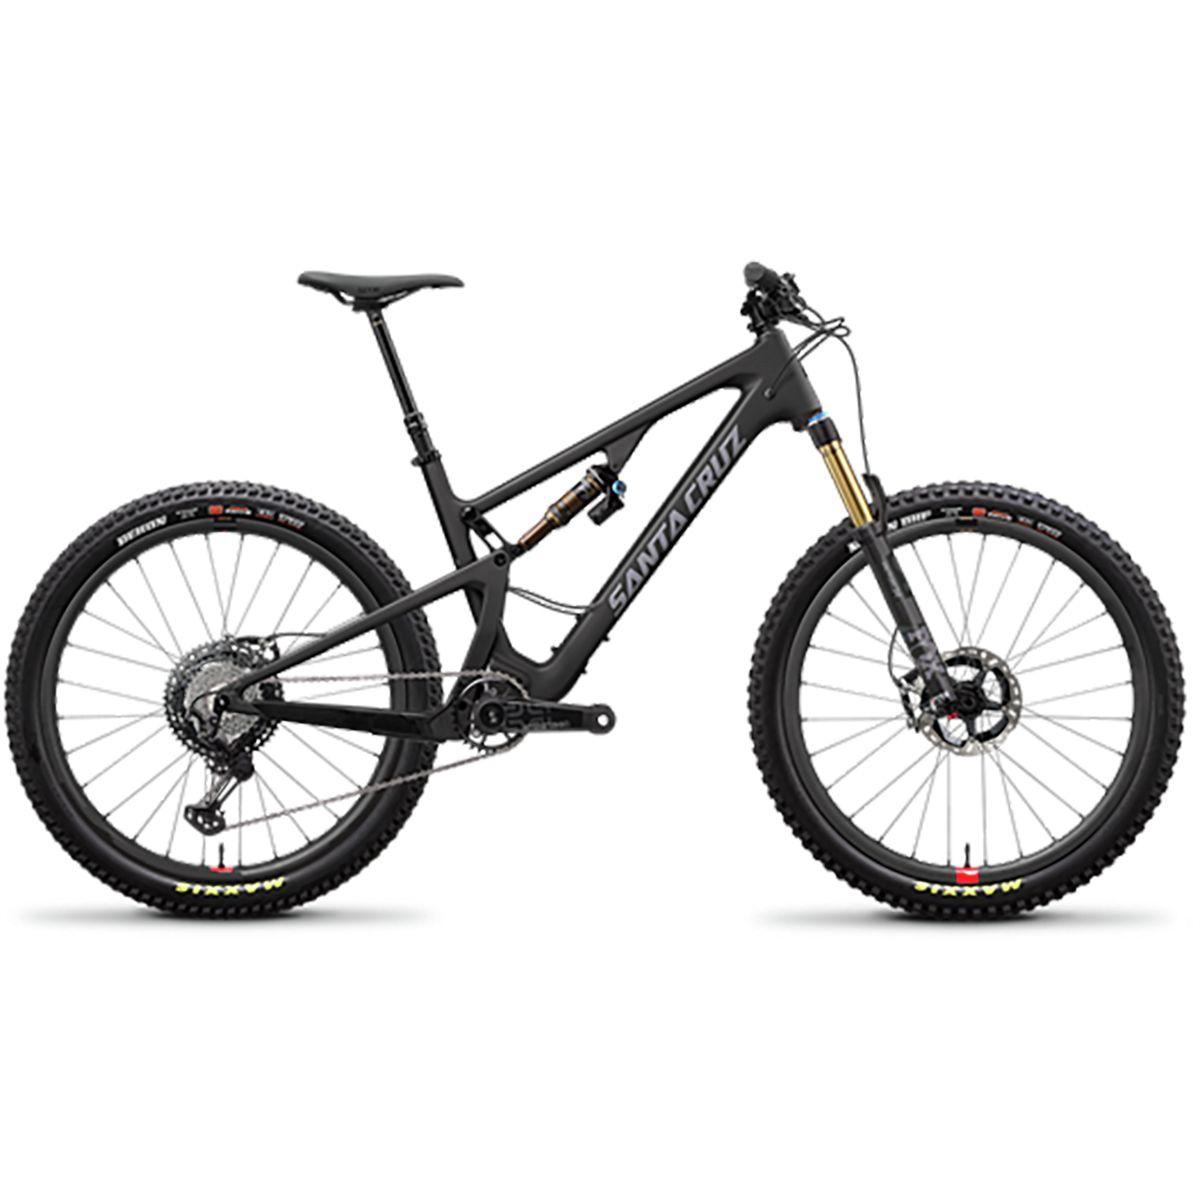 Santa Cruz Bicycles 5010 Carbon CC 27.5 XTR Reserve Complete Carbon